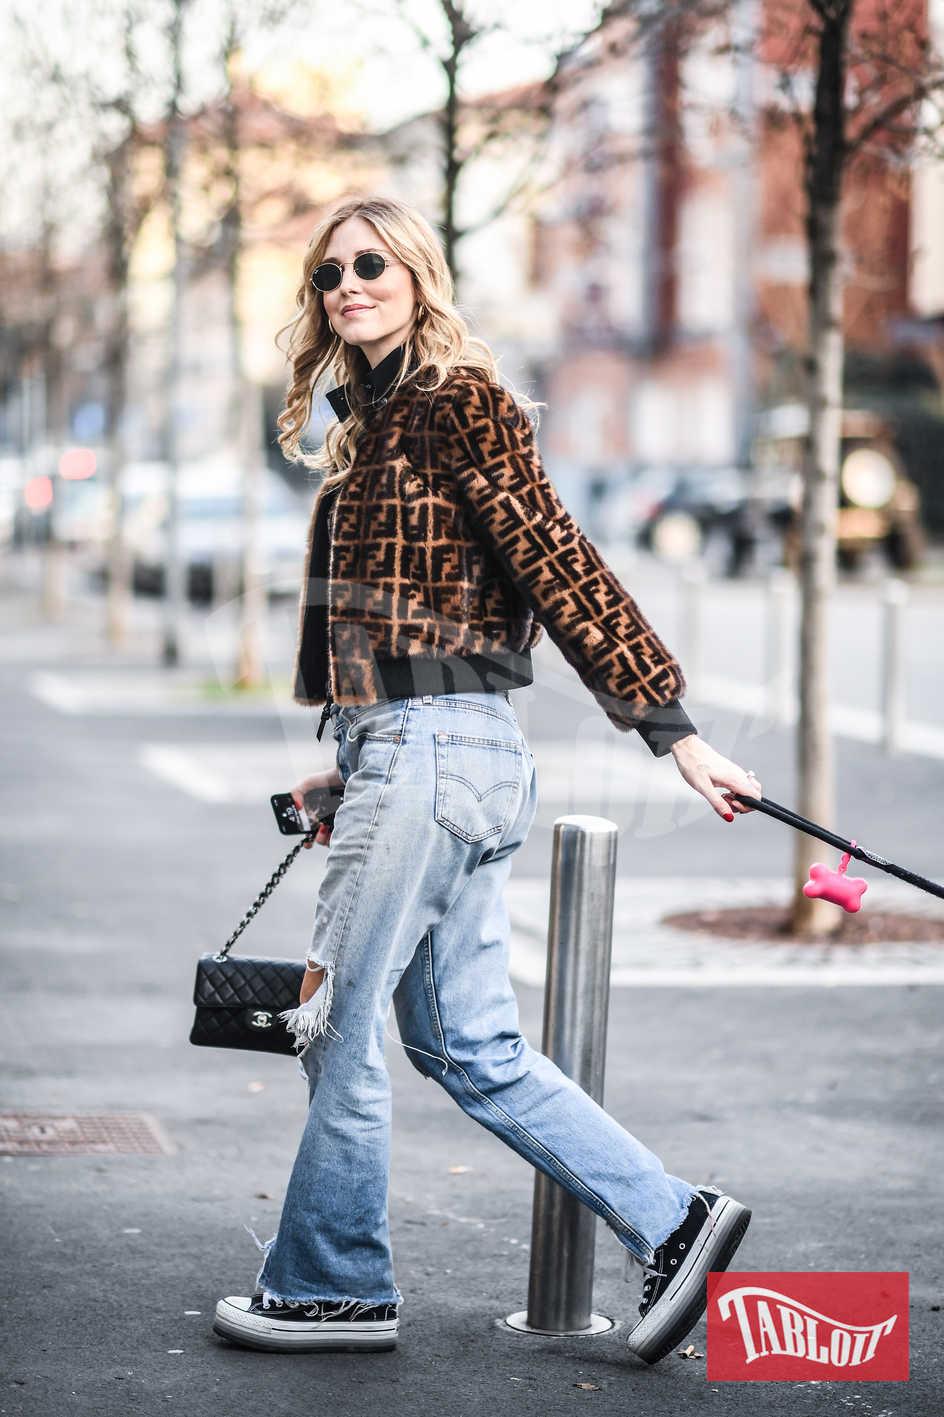 Chiara Ferragni a spasso per Milano con Matilda. Jeans strappati, All Stars, bomber di Fendi e borsetta Chanel a completare il look